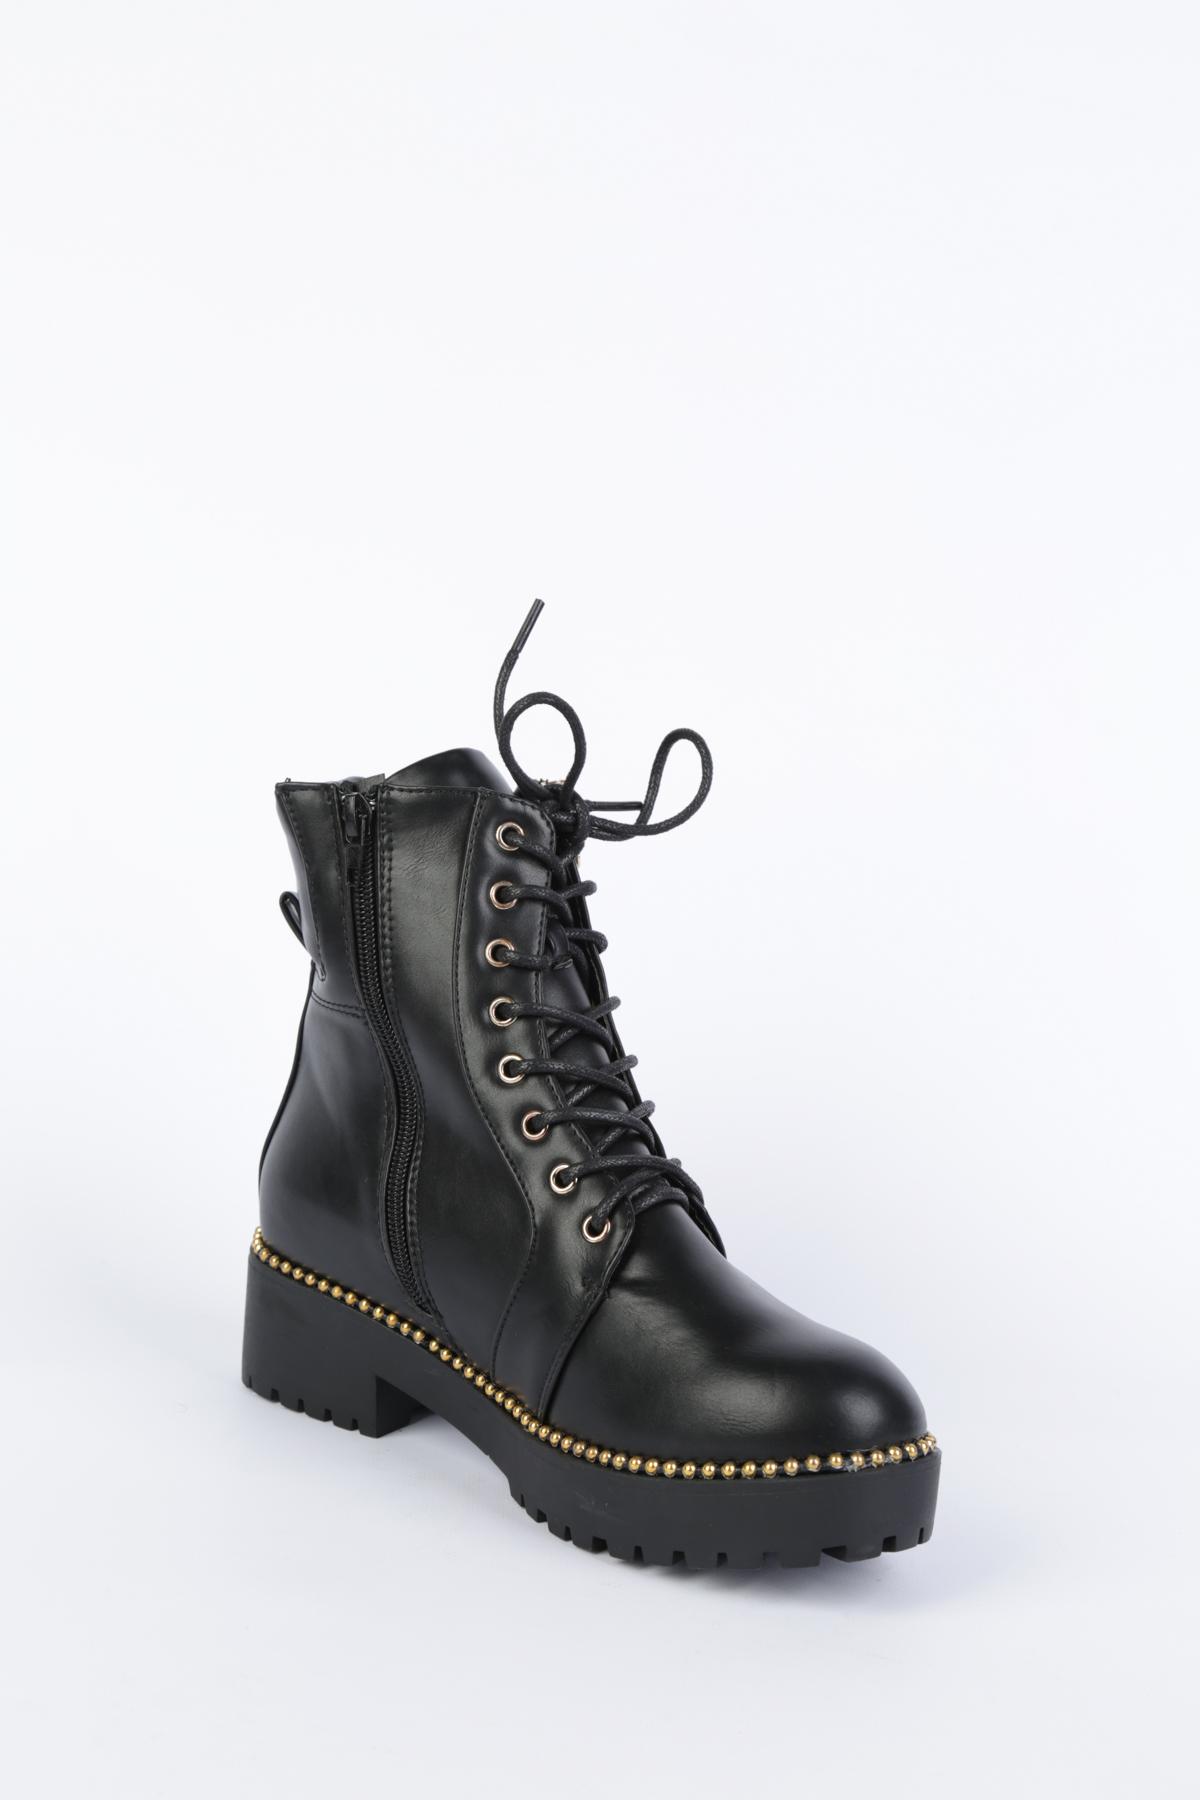 Bottines Chaussures Noir WILEDI 2018-9 #c eFashion Paris